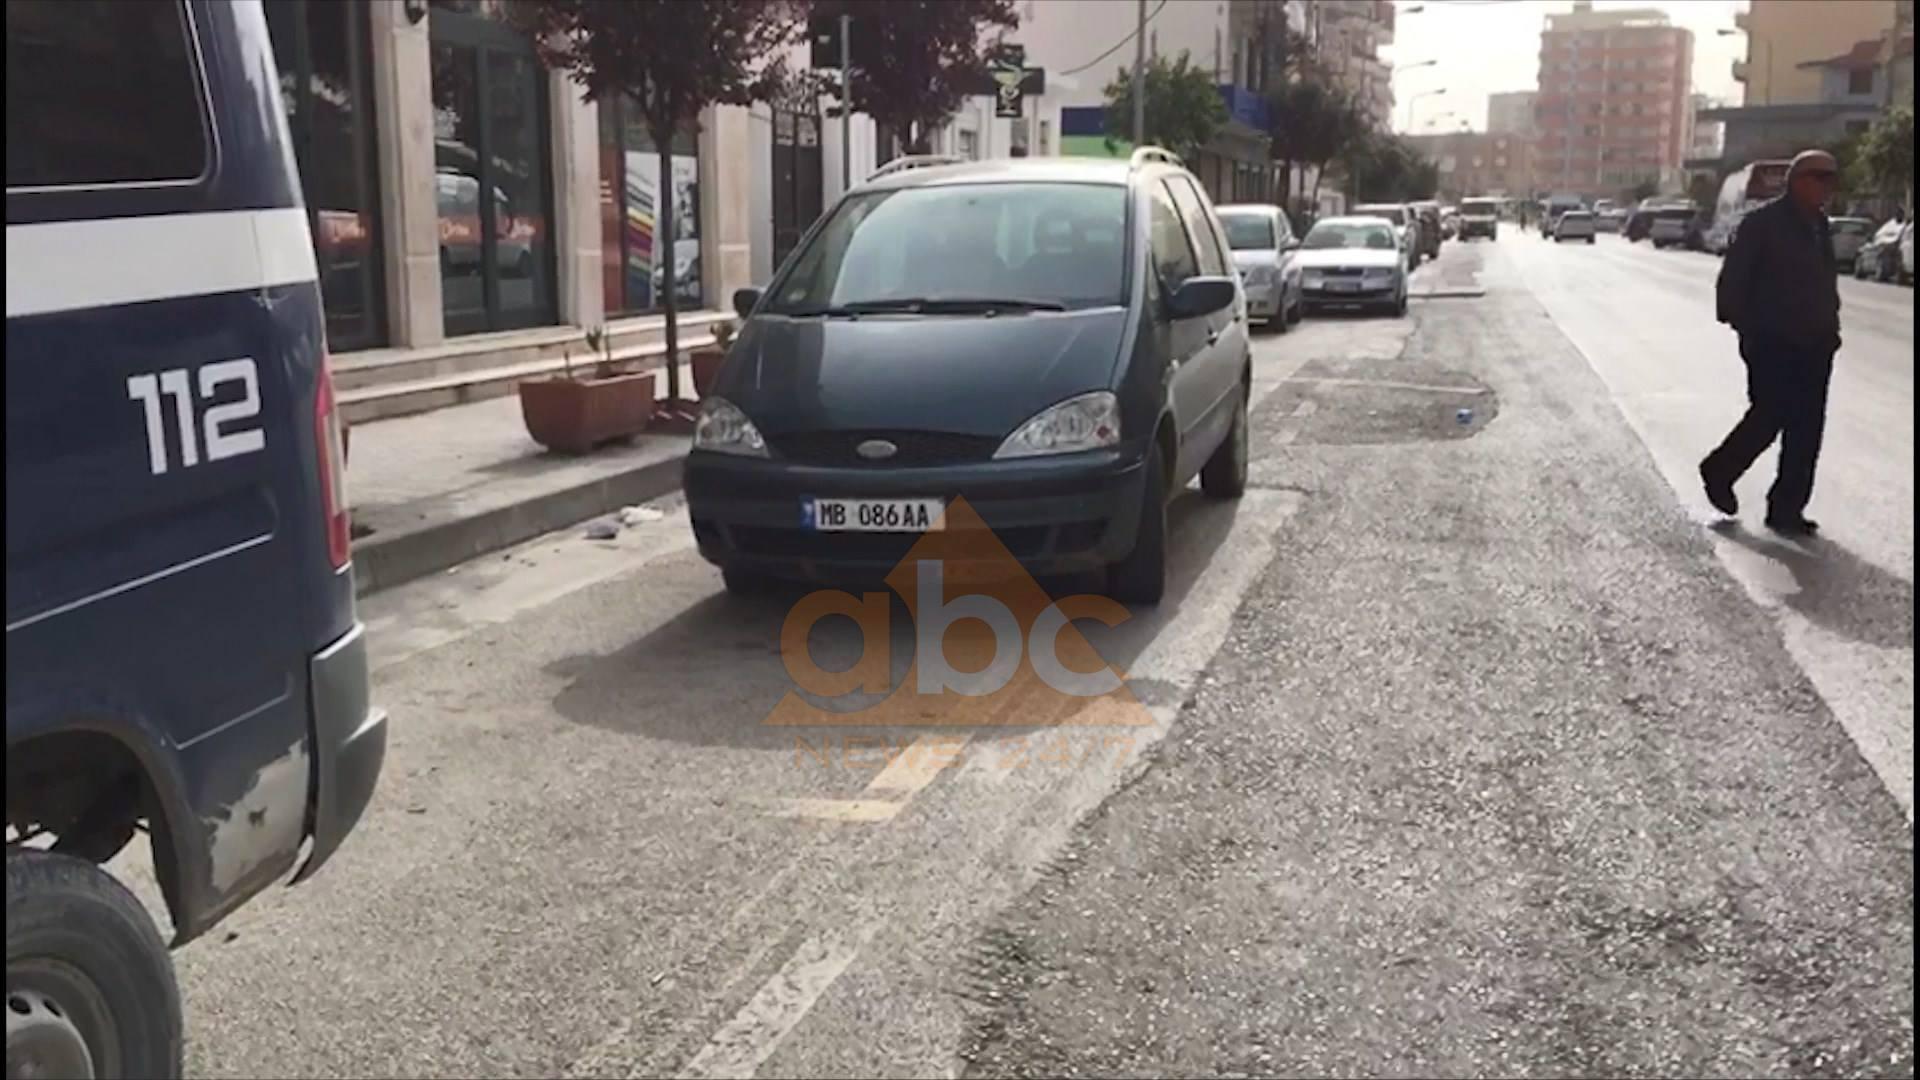 Sherr në një lokal bastesh në Vlorë/Plumb në këmbë klientit